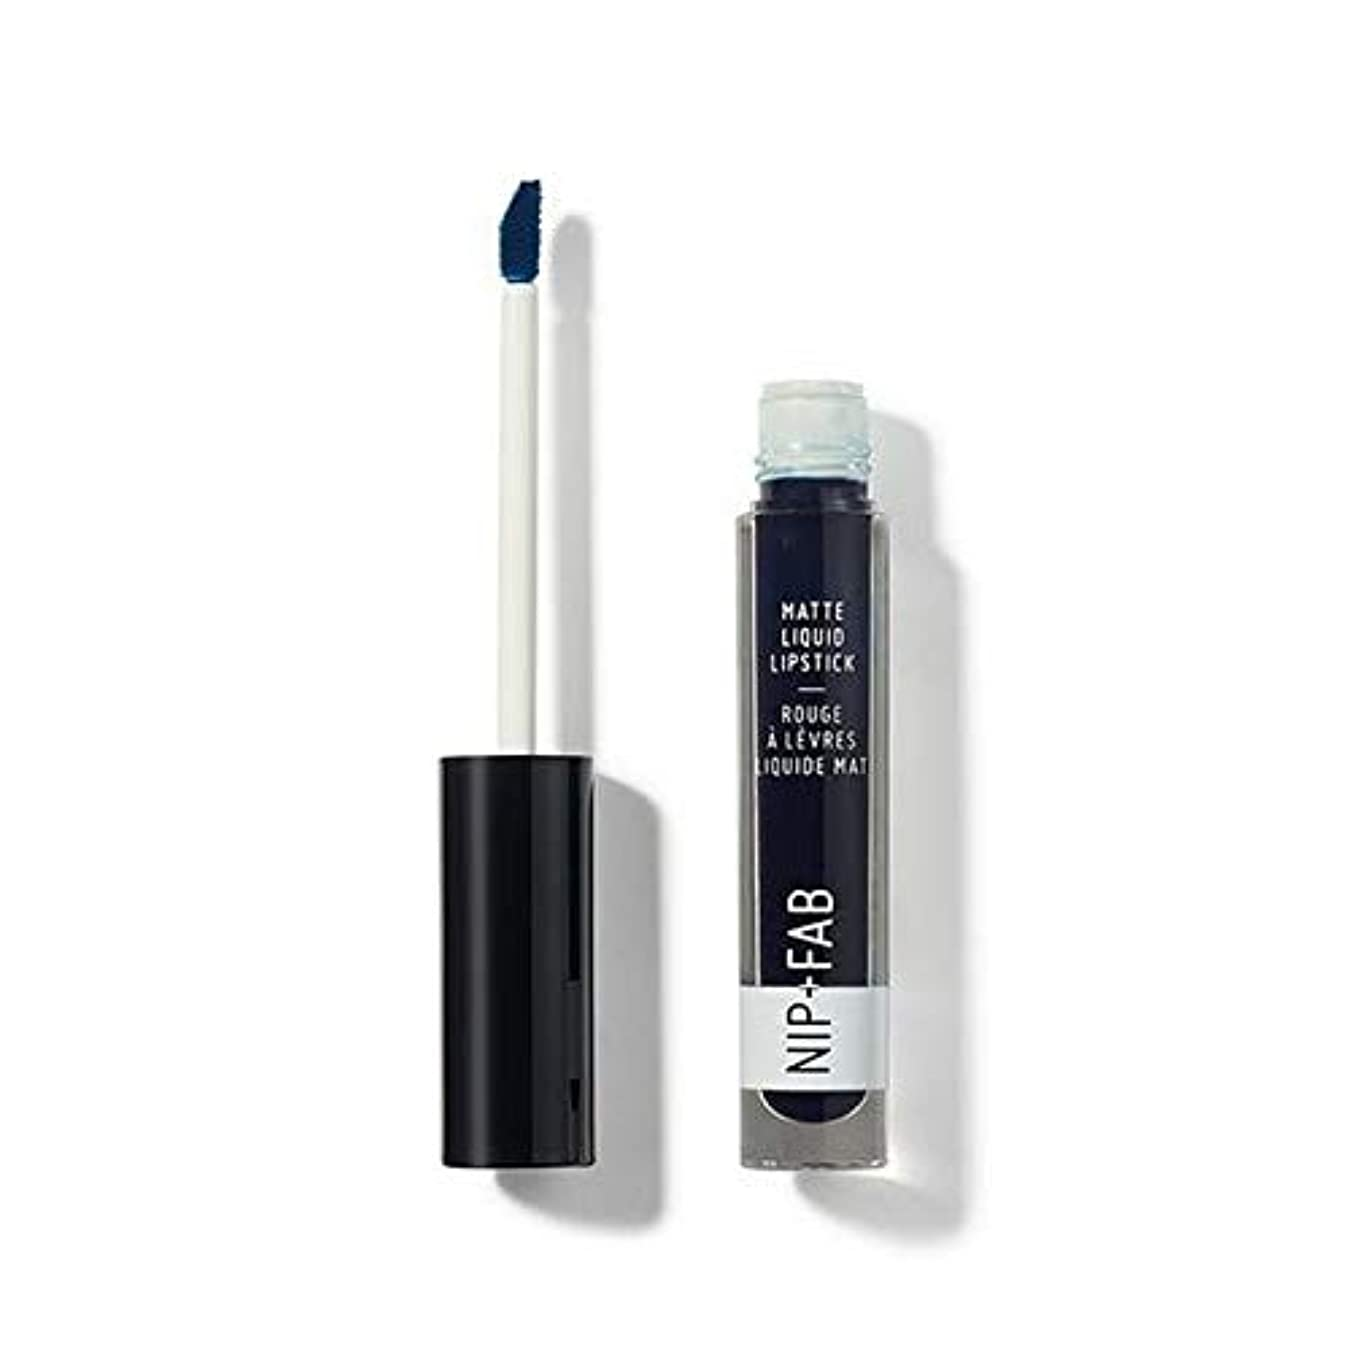 動機付ける戻るエチケット[Nip & Fab ] + Fabマット液状口紅ブルーベリーシャーベット60ニップ - Nip+Fab Matte Liquid Lipstick Blueberry Sorbet 60 [並行輸入品]